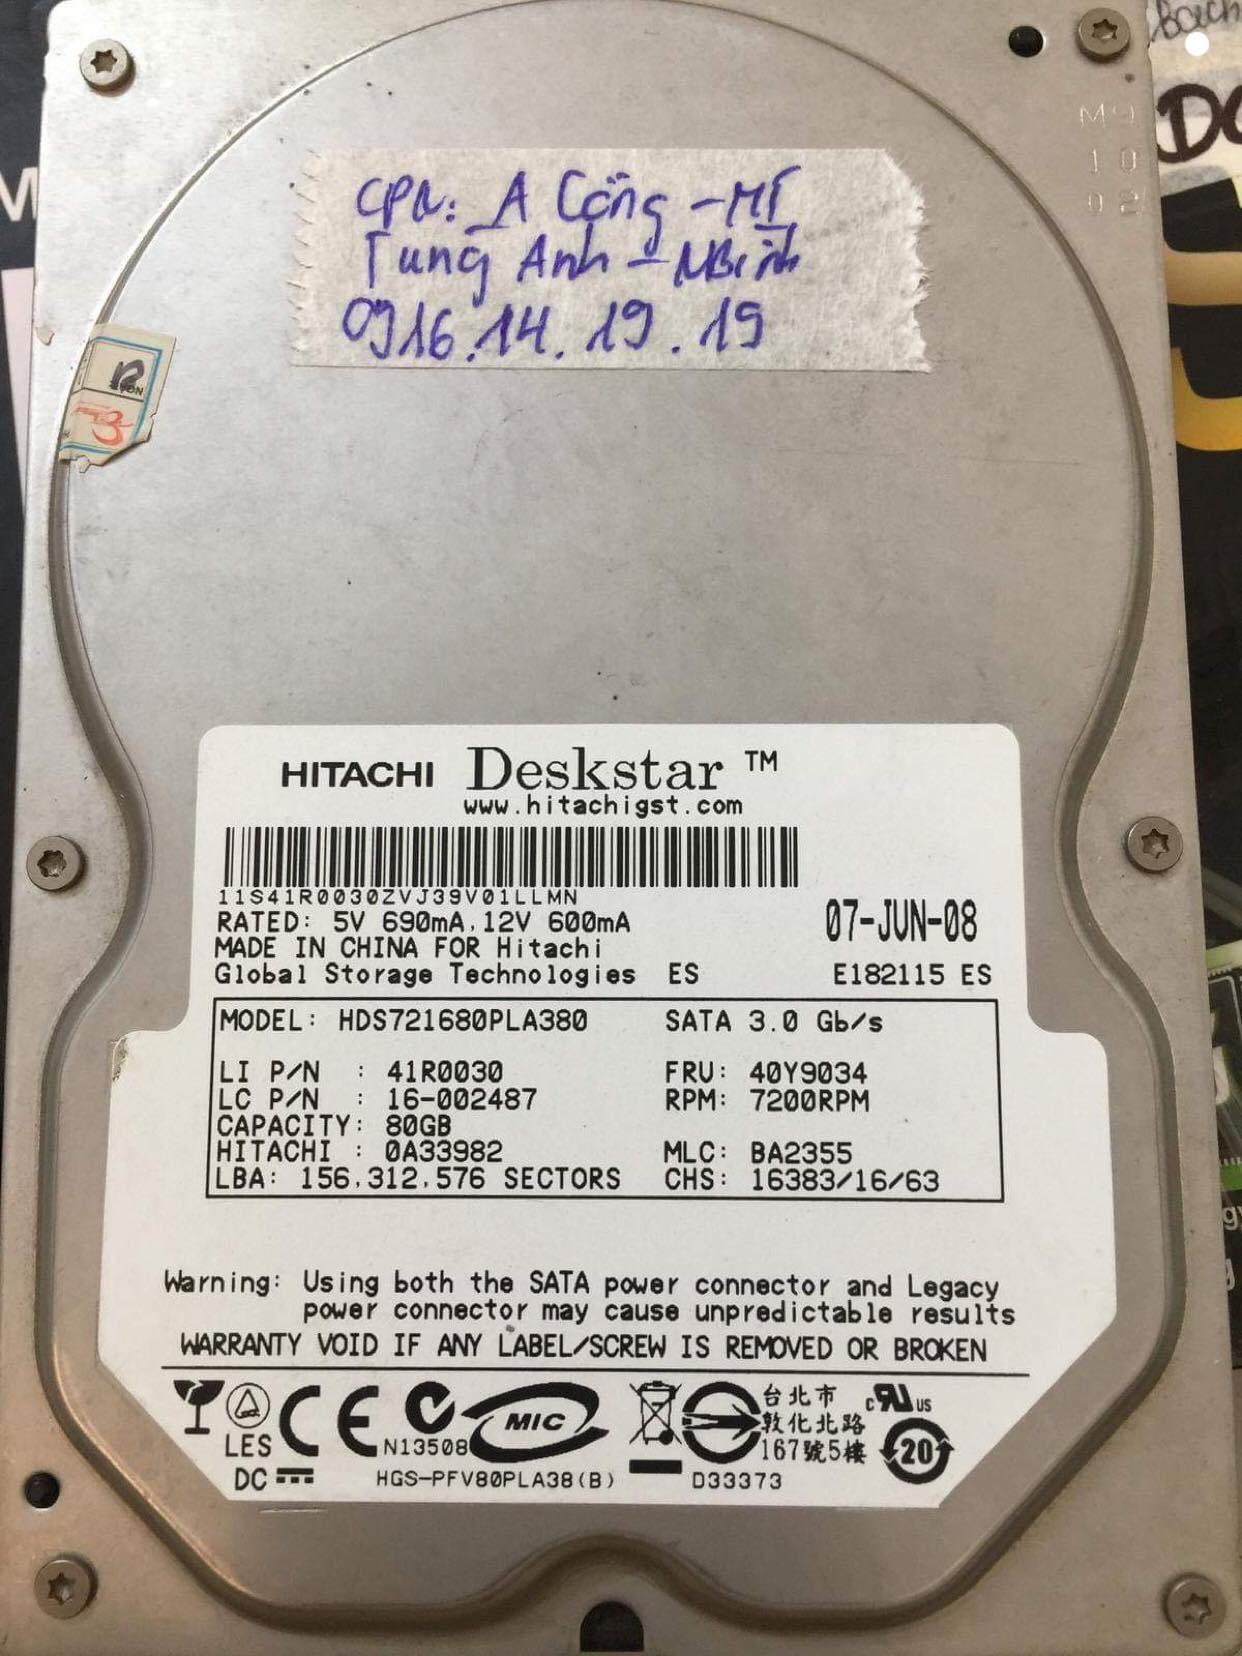 Lấy lại dữ liệu ổ cứng Hitachi 80GB lỗi cơ tại Ninh Bình - 08/12/2018